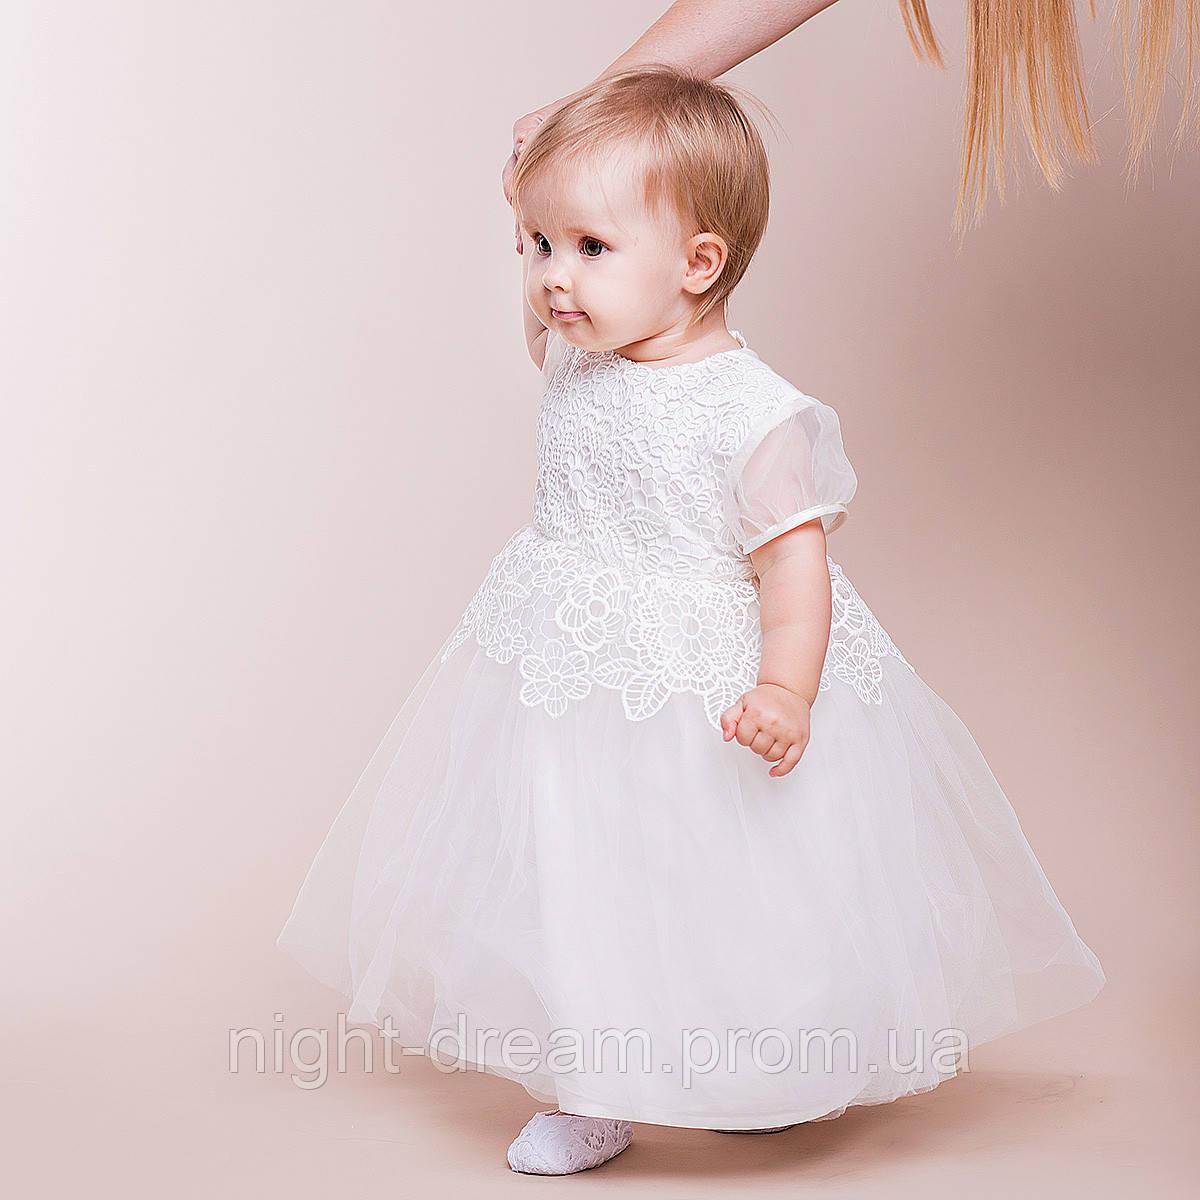 71843a5def3 Нарядное платье Глафира от Miminobaby молочное на 3 годика  продажа ...